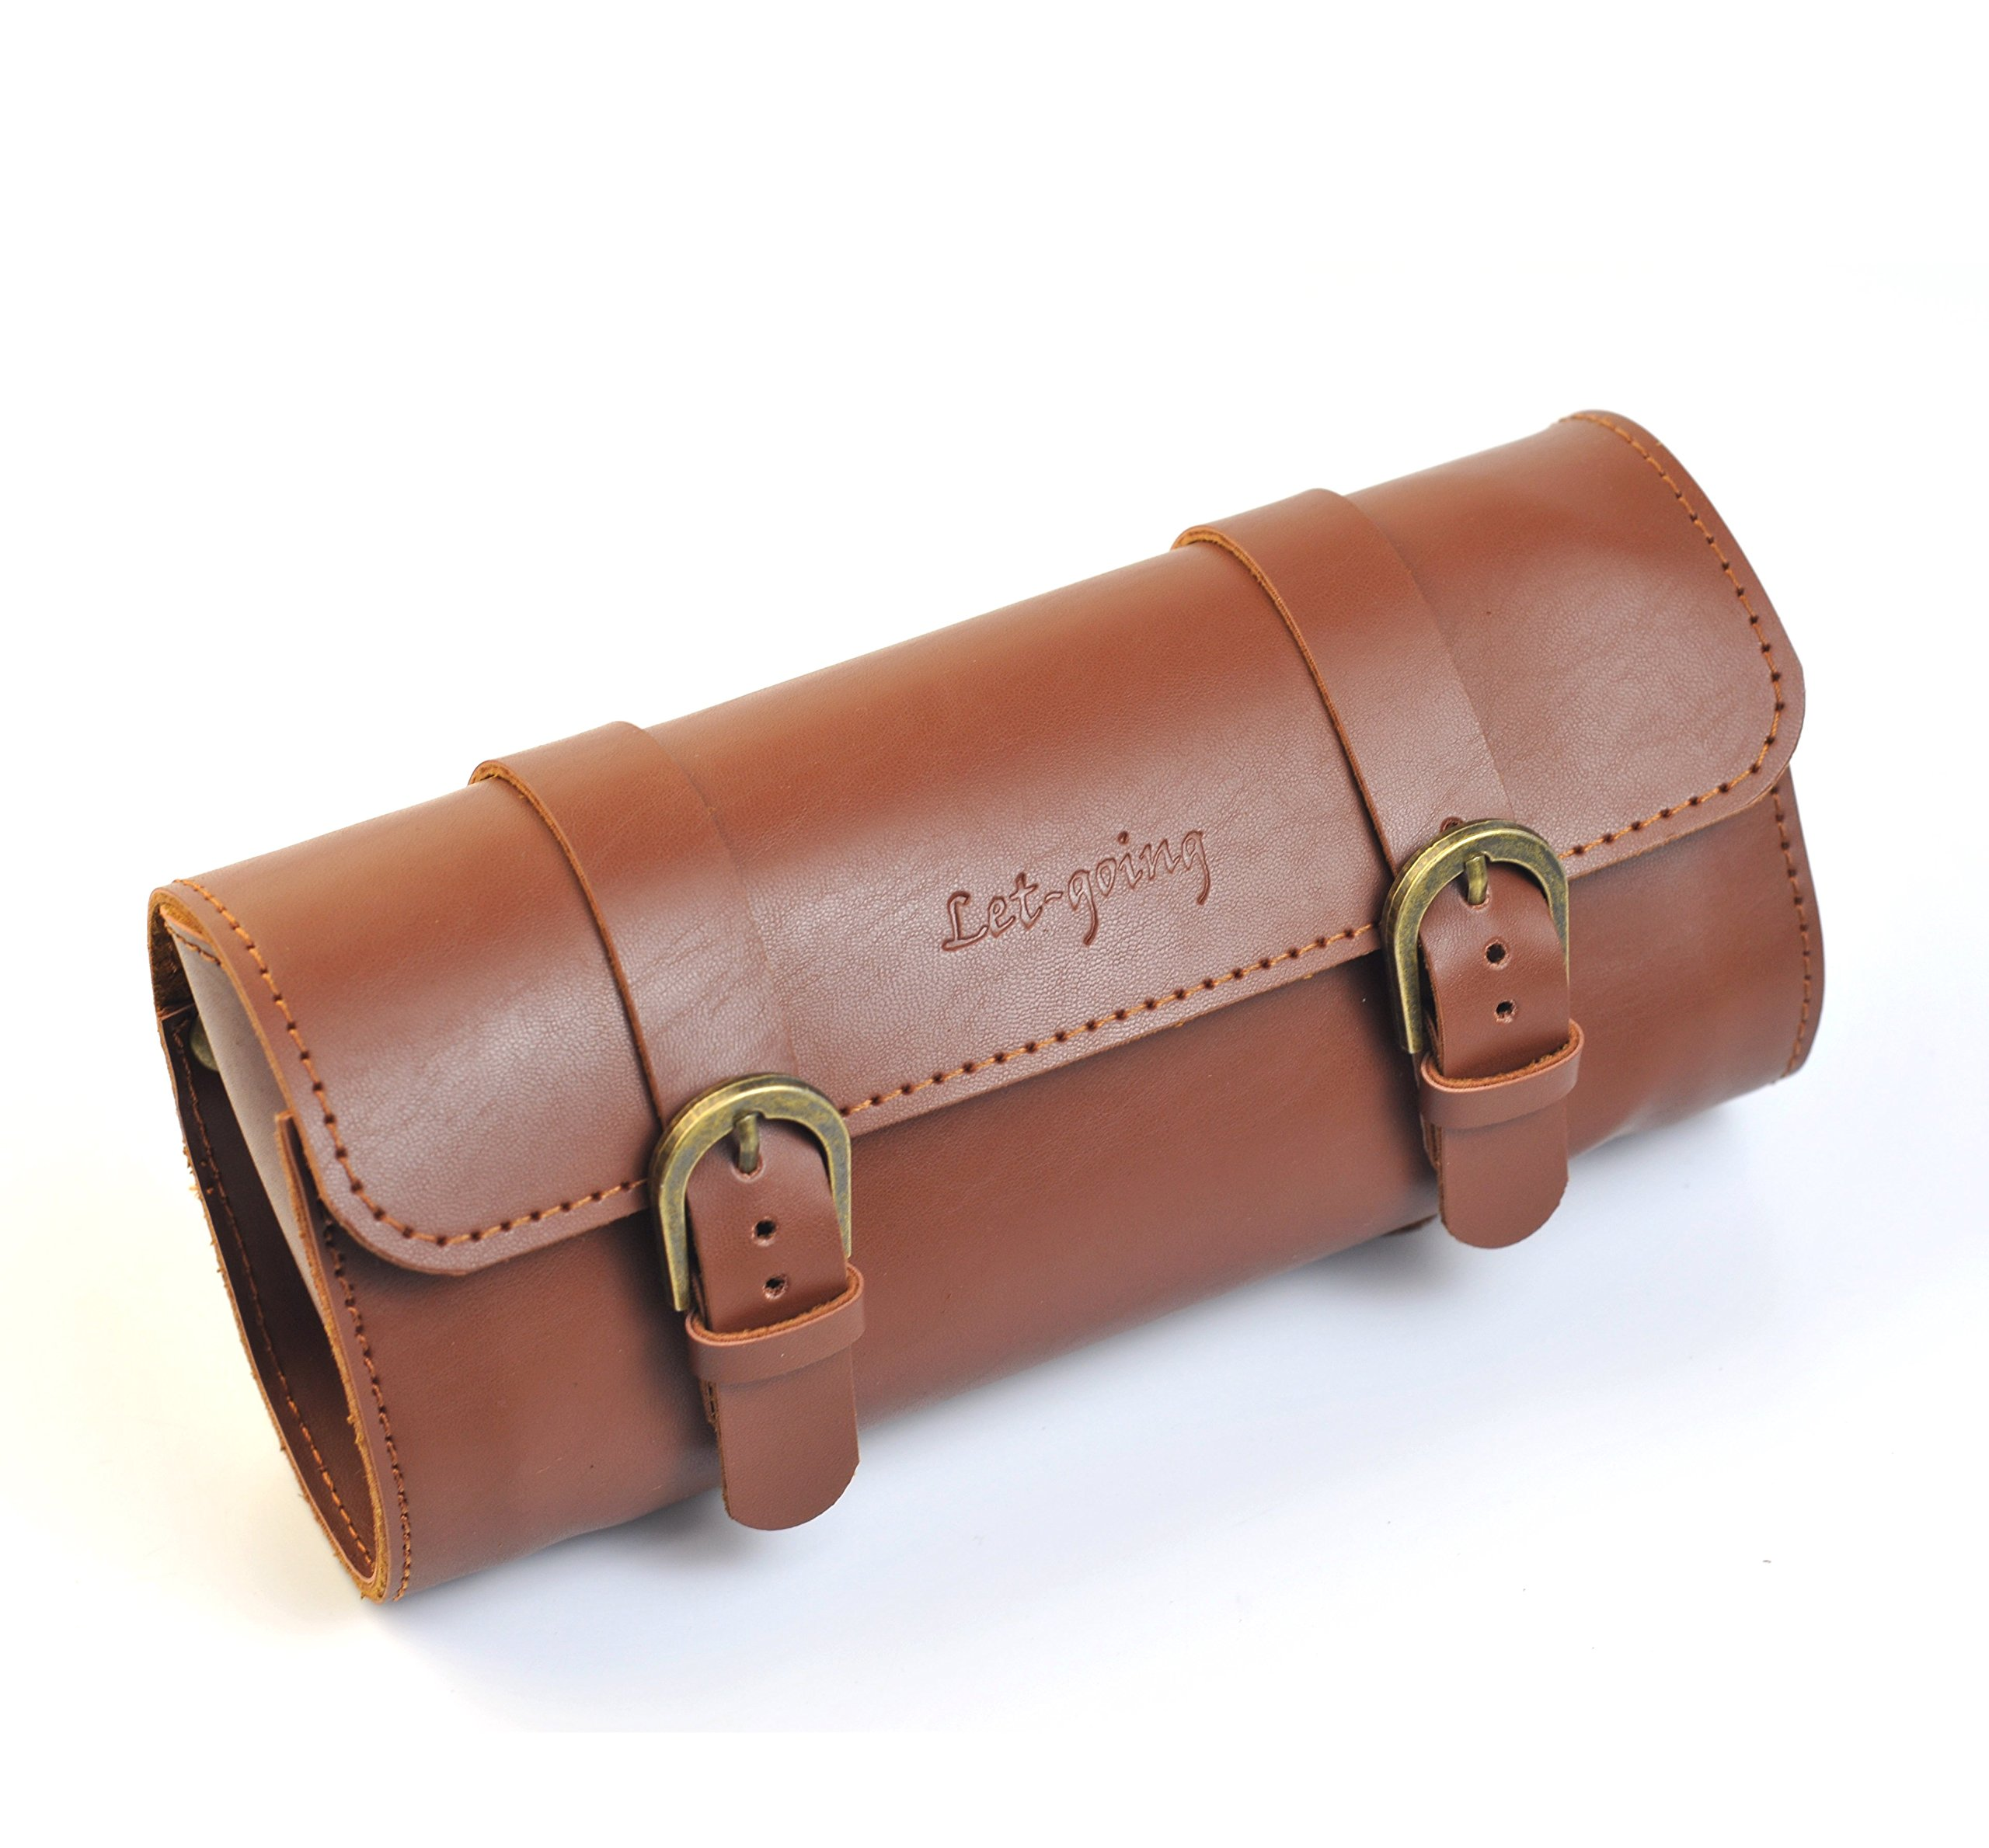 QO Cycling Handmade PU Saddle Vintage Backpack Tools Big Bag 22116cm (Brown)